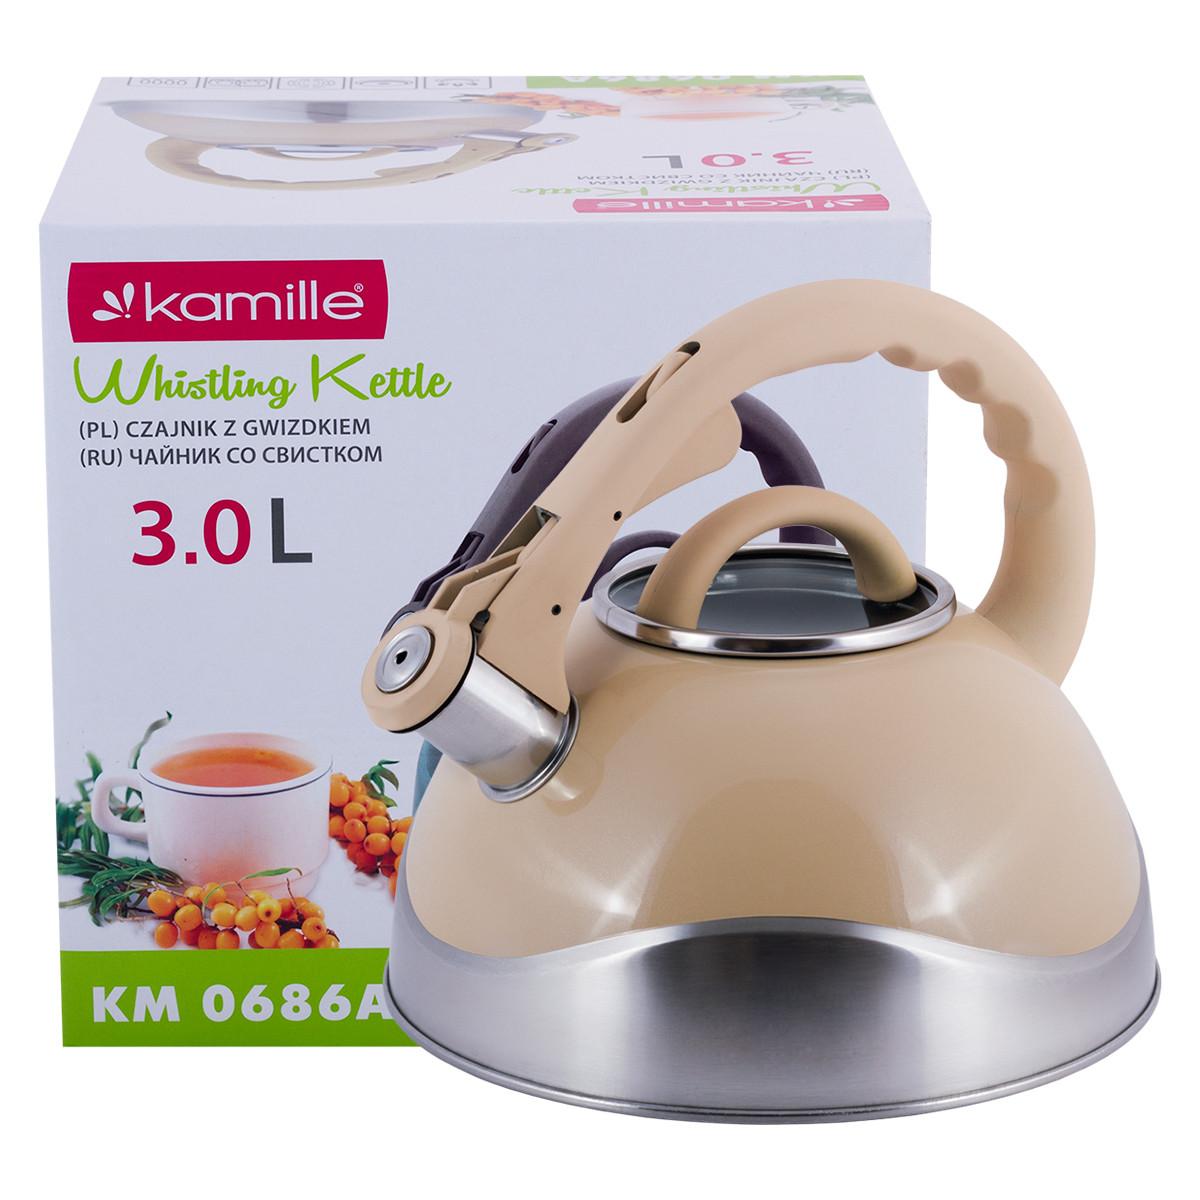 Чайник Kamille Кремовый 3л из нержавеющей стали со свистком и стеклянной крышкой KM-0686A